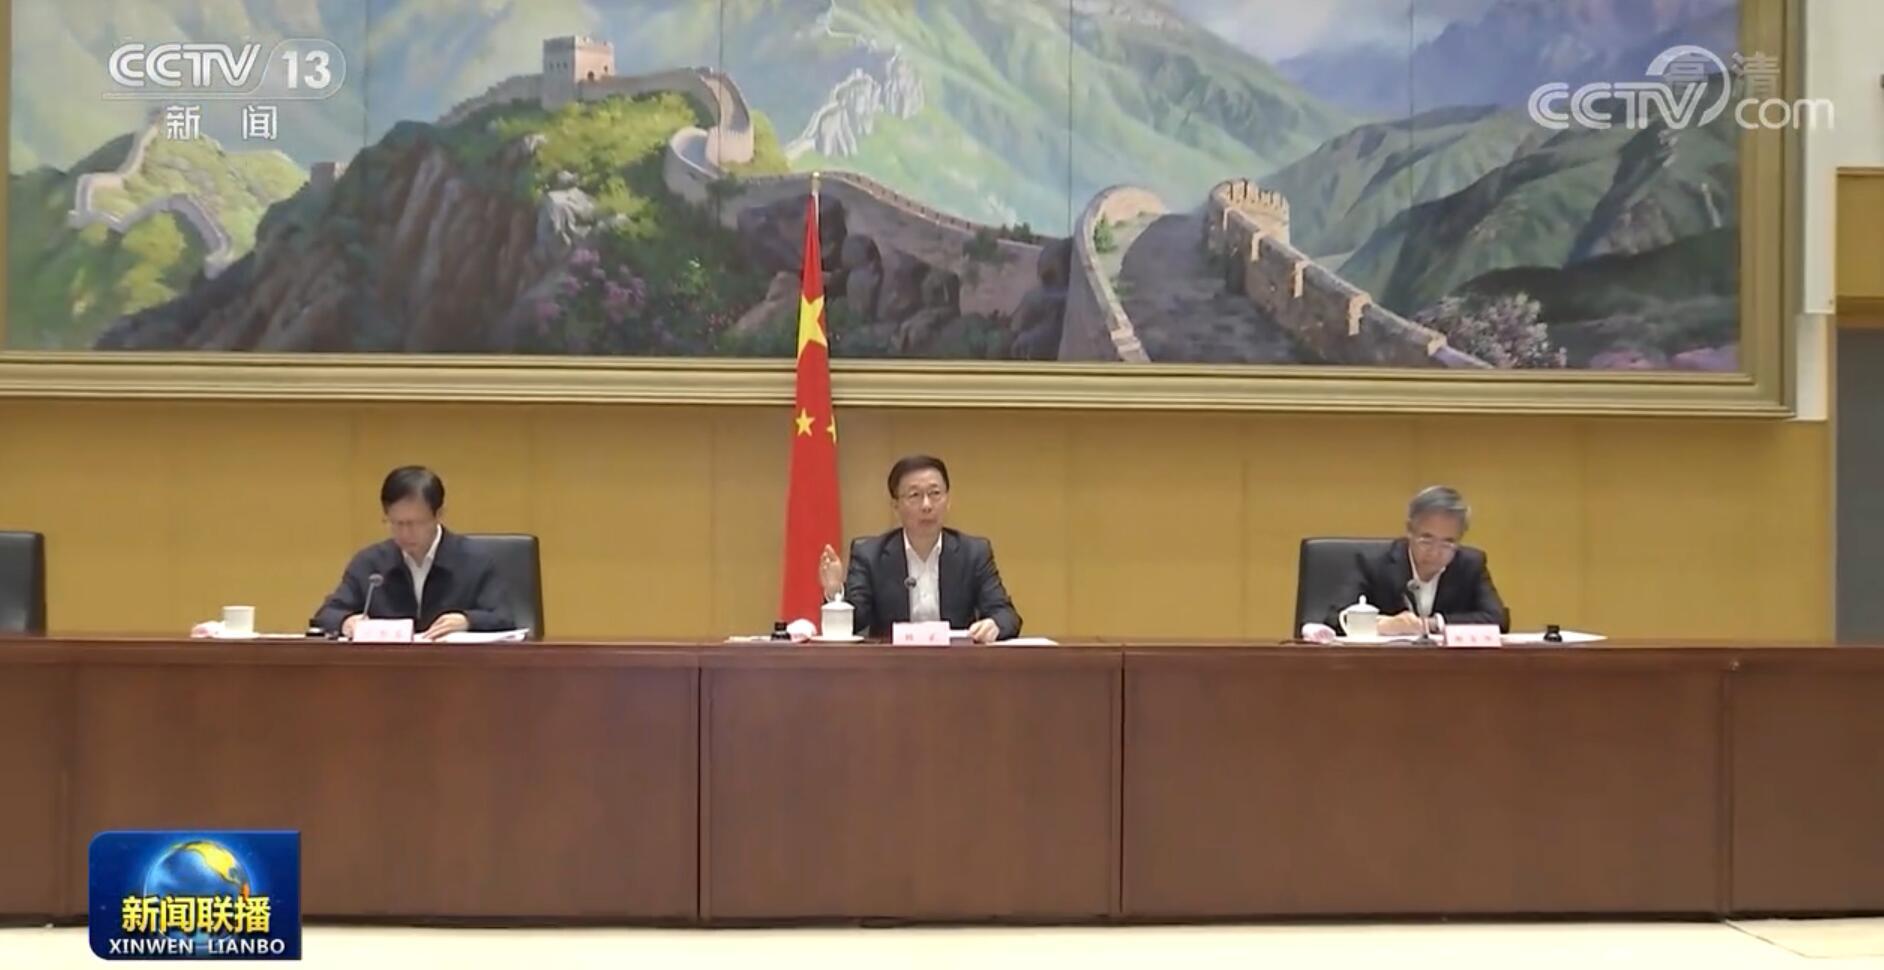 韩正出席长江禁捕退捕工作推进电视电话会议